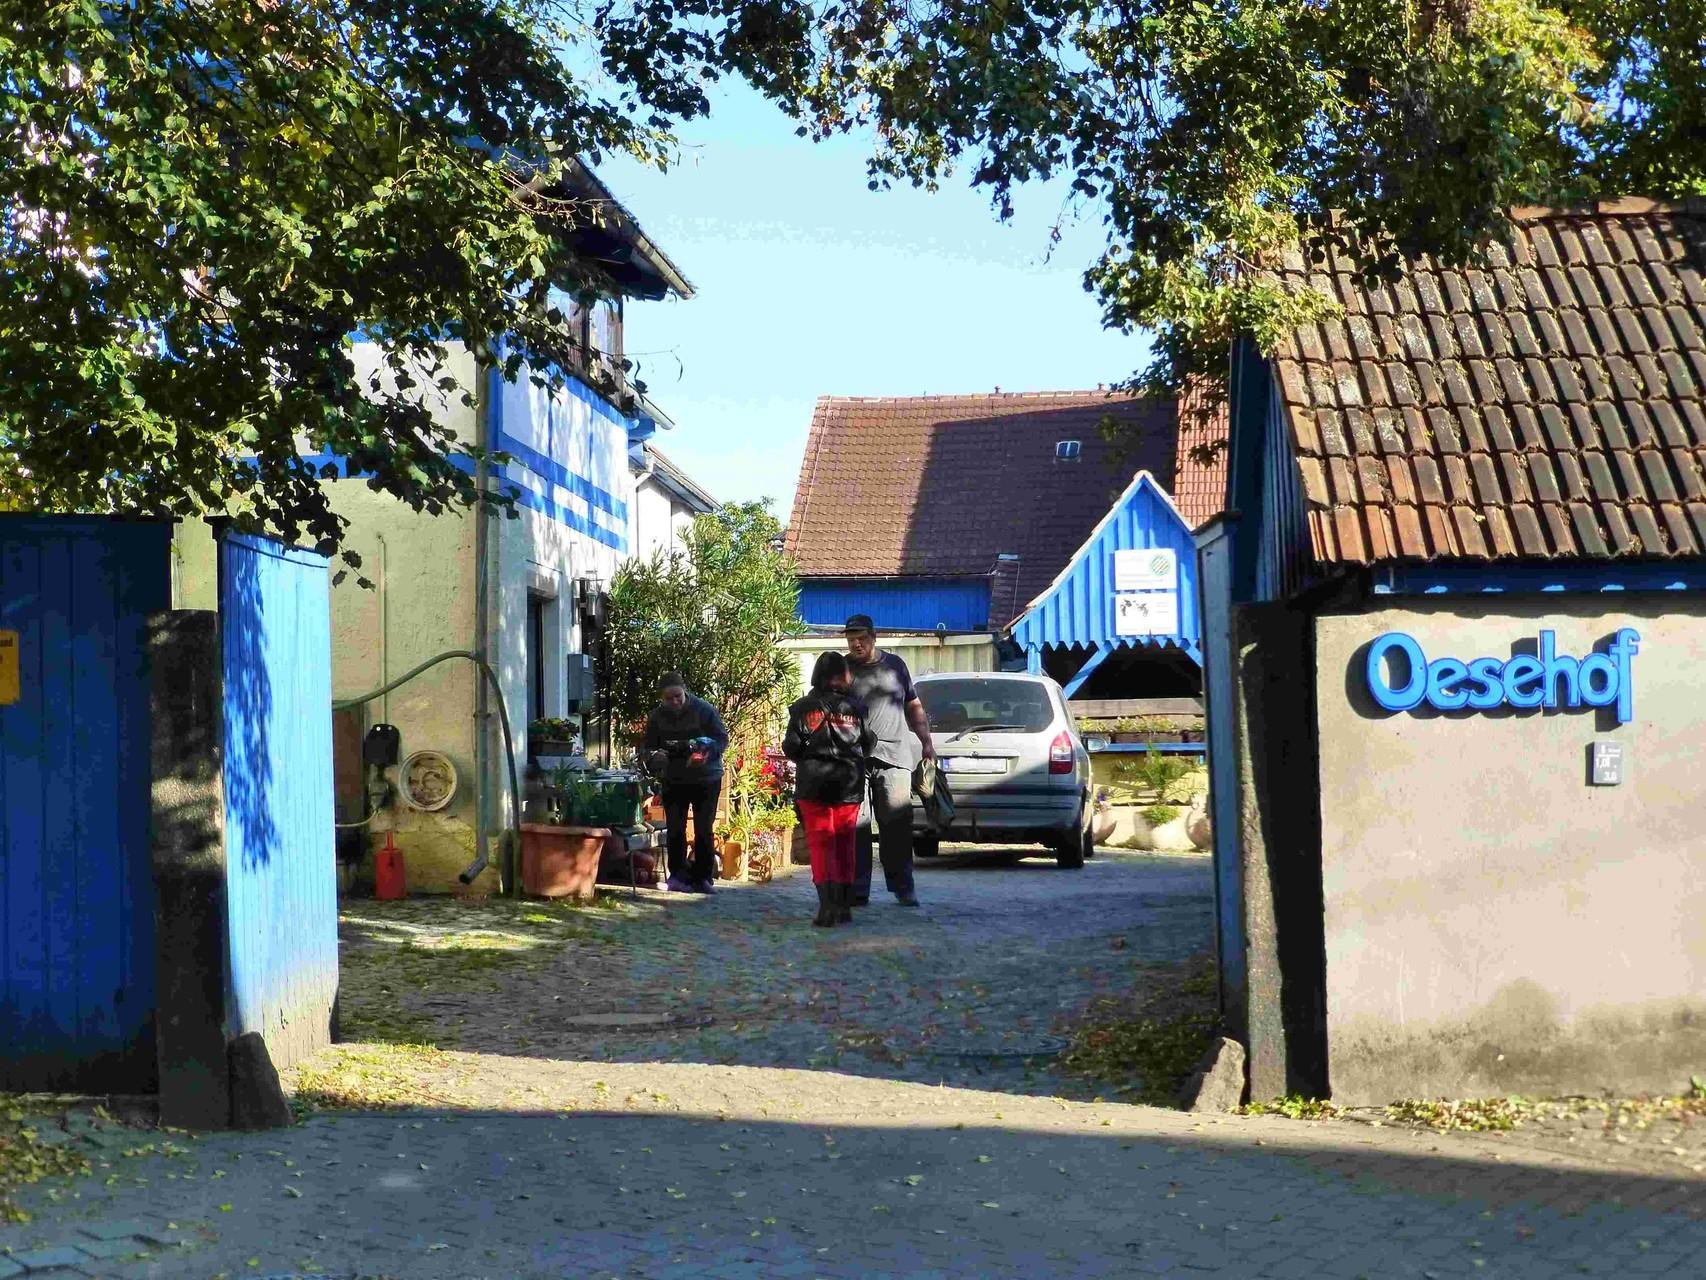 Oese-Hof, Tag der Einheit - 3. Oktober 2015.  9:30:   Interview-Termin mit Jung-Bauer Karl Oese